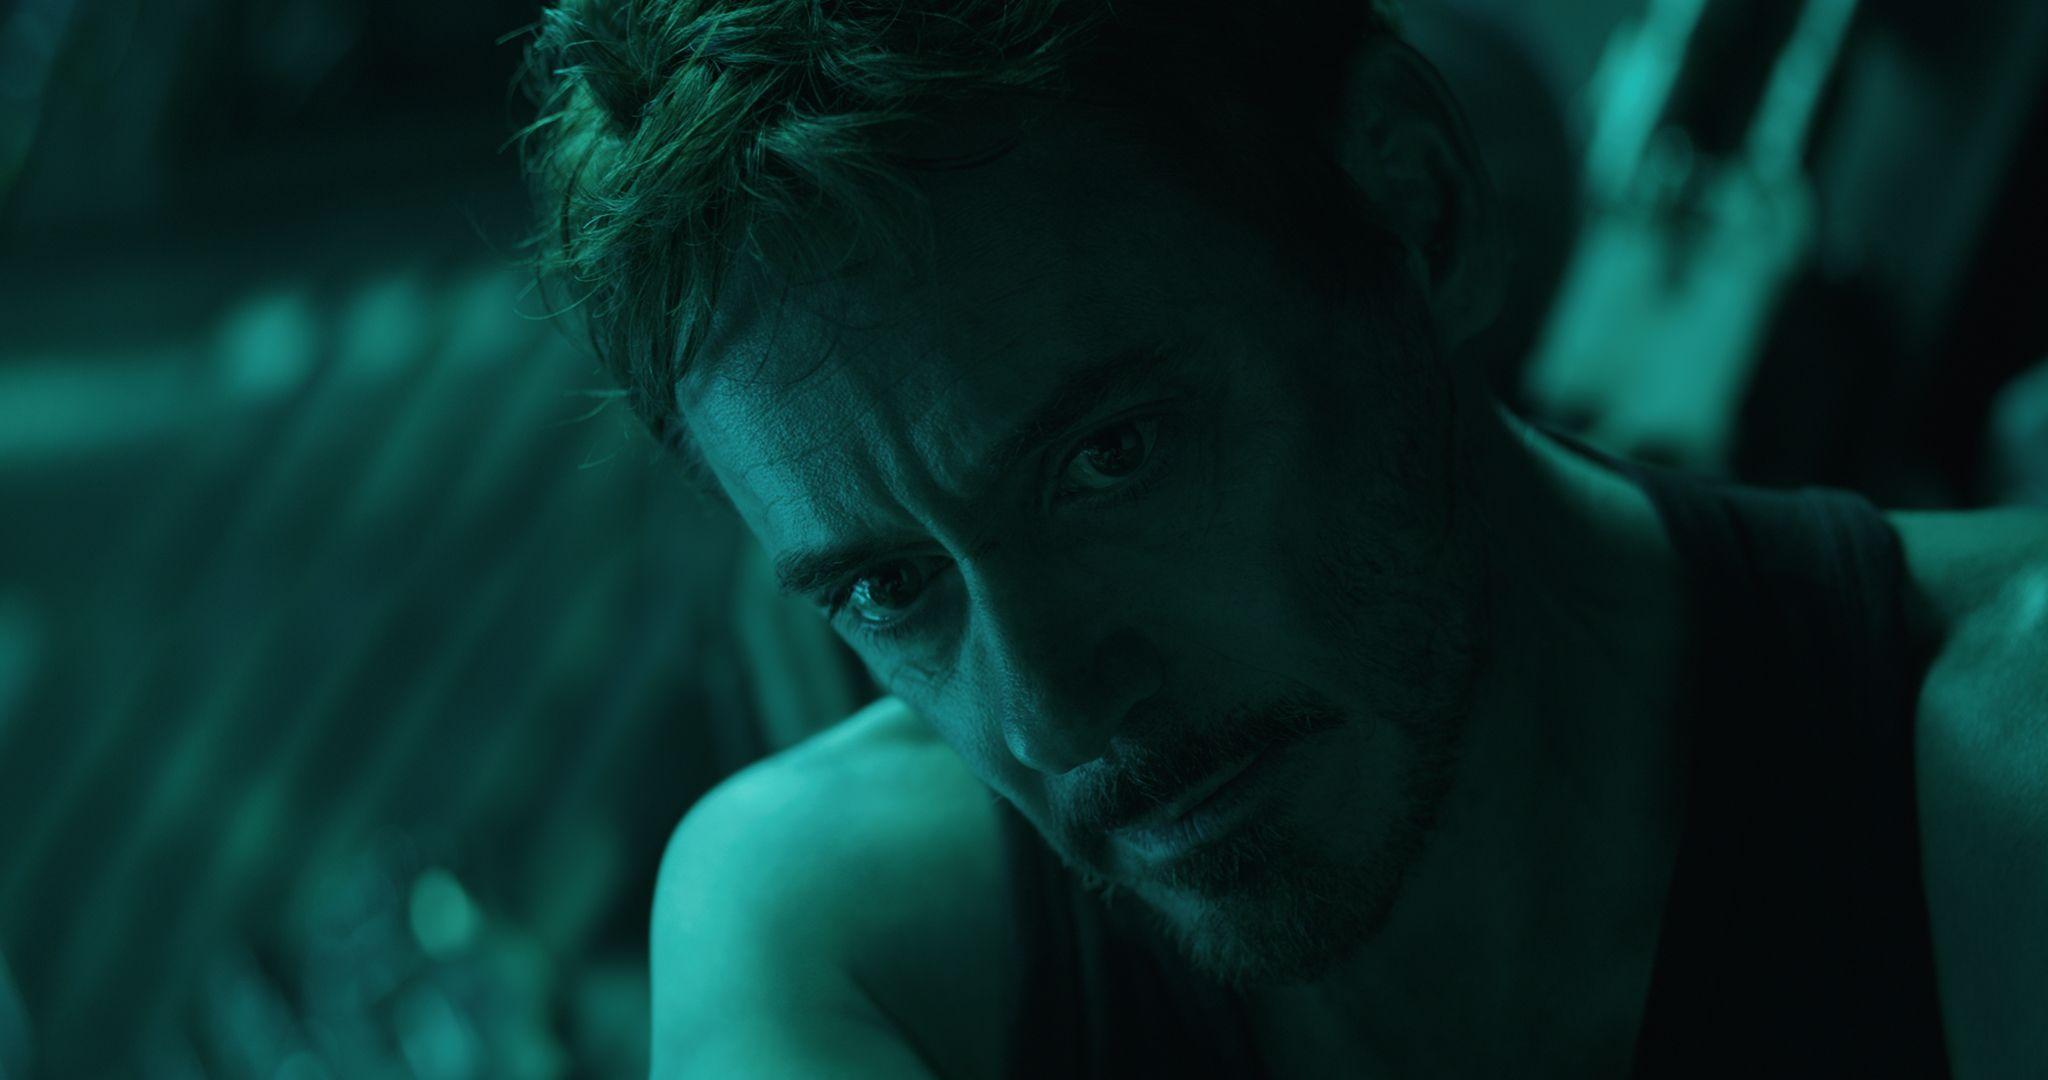 will-iron-man-die-avengers-endgame-tony-stark